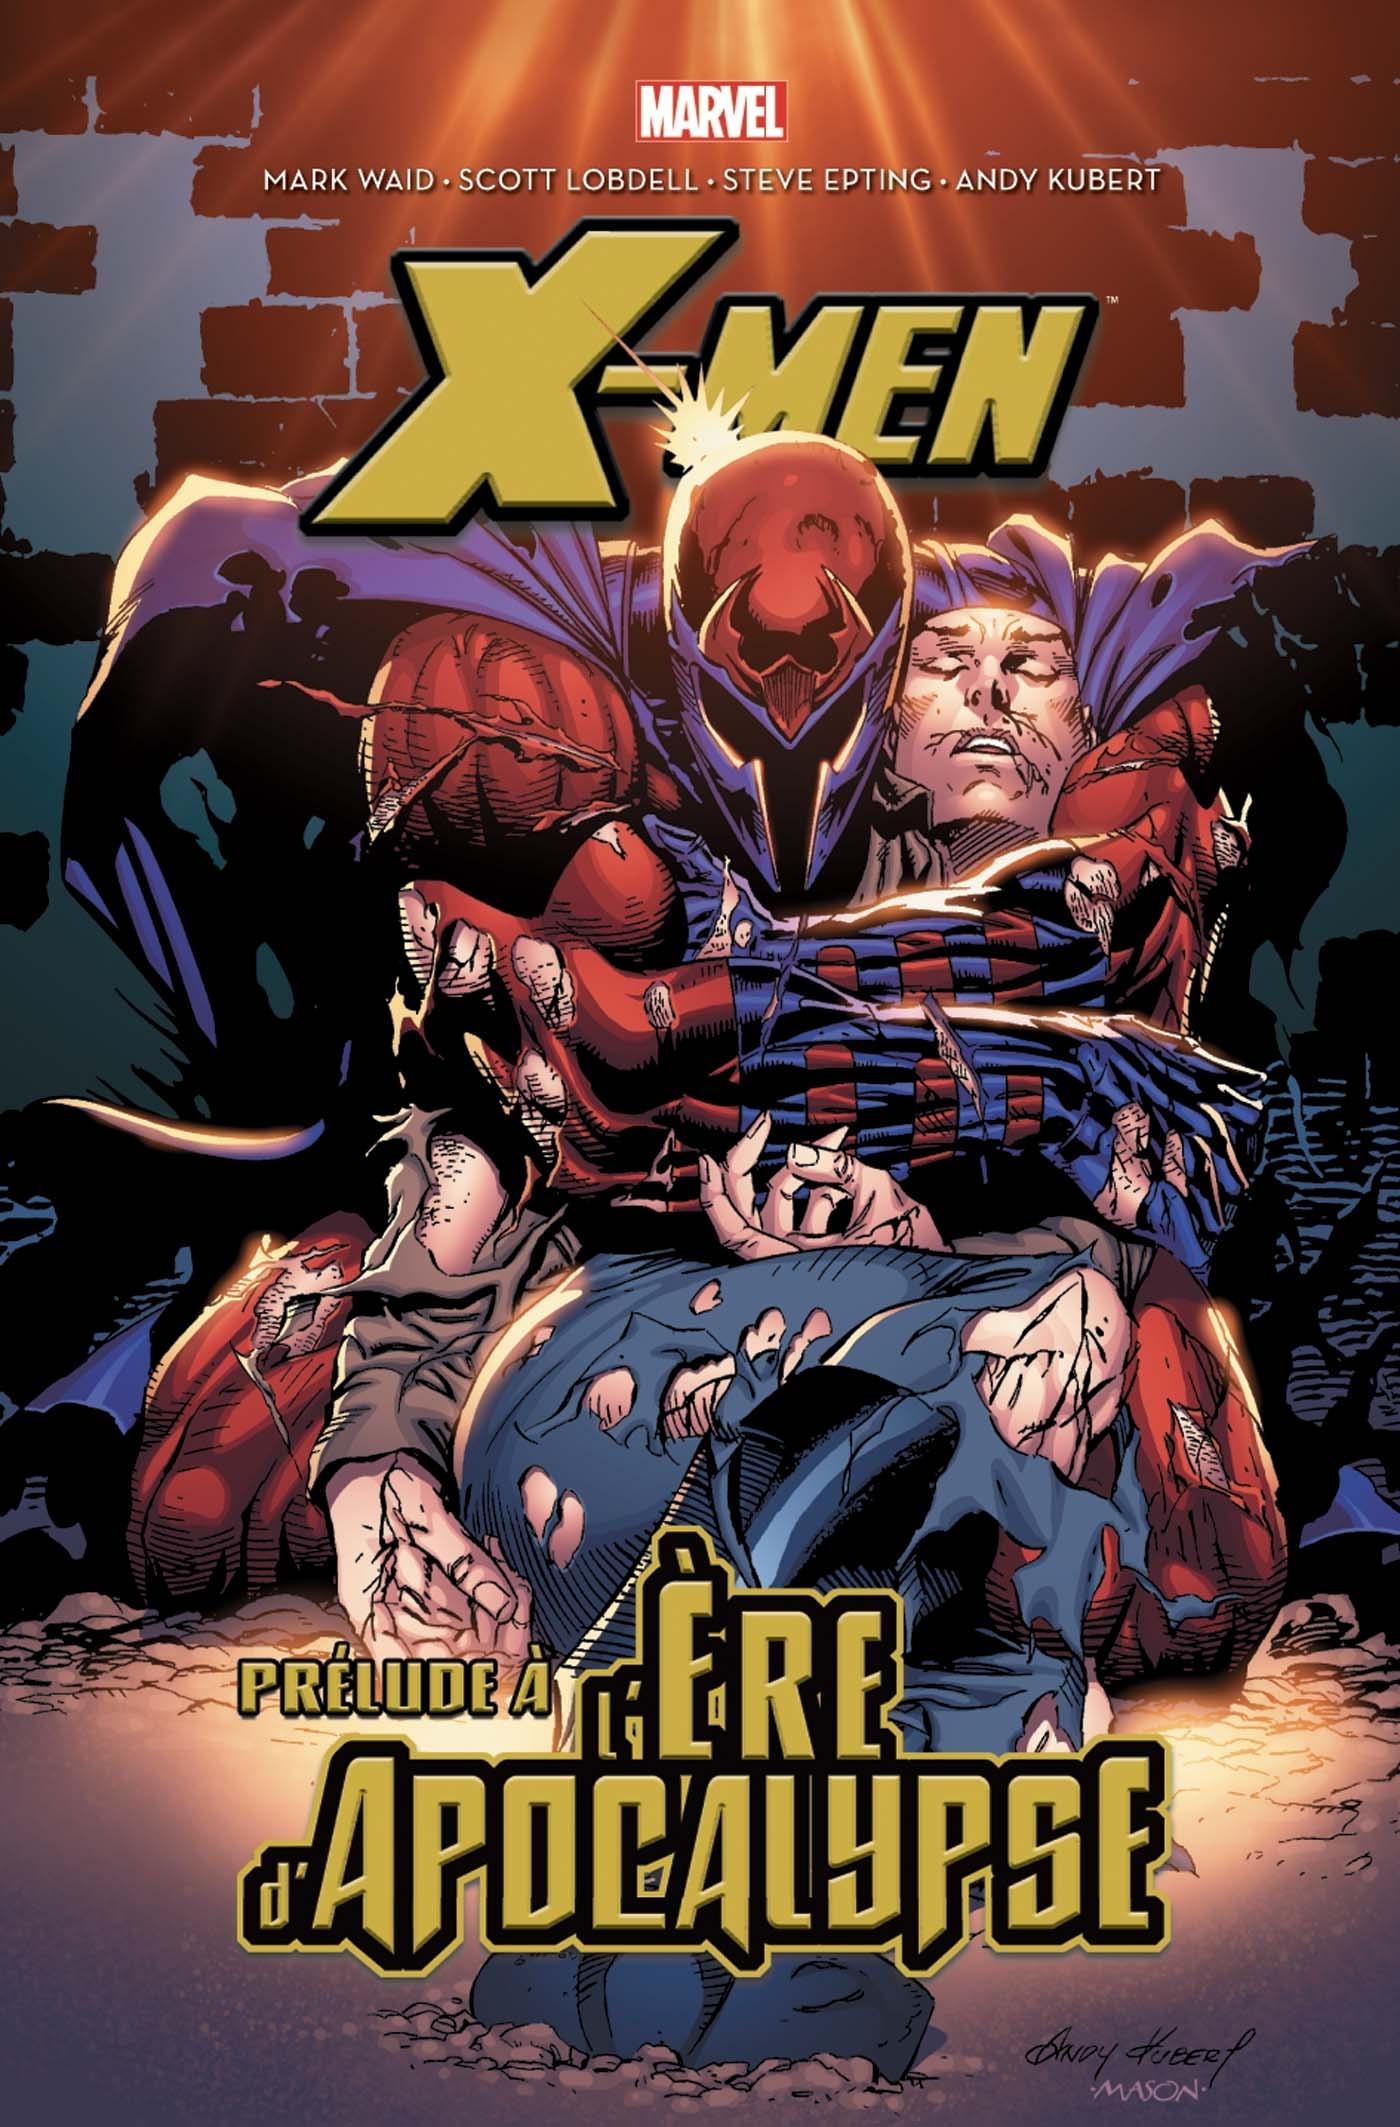 X-MEN: PRELUDE A L'ERE D'APOCALYPSE